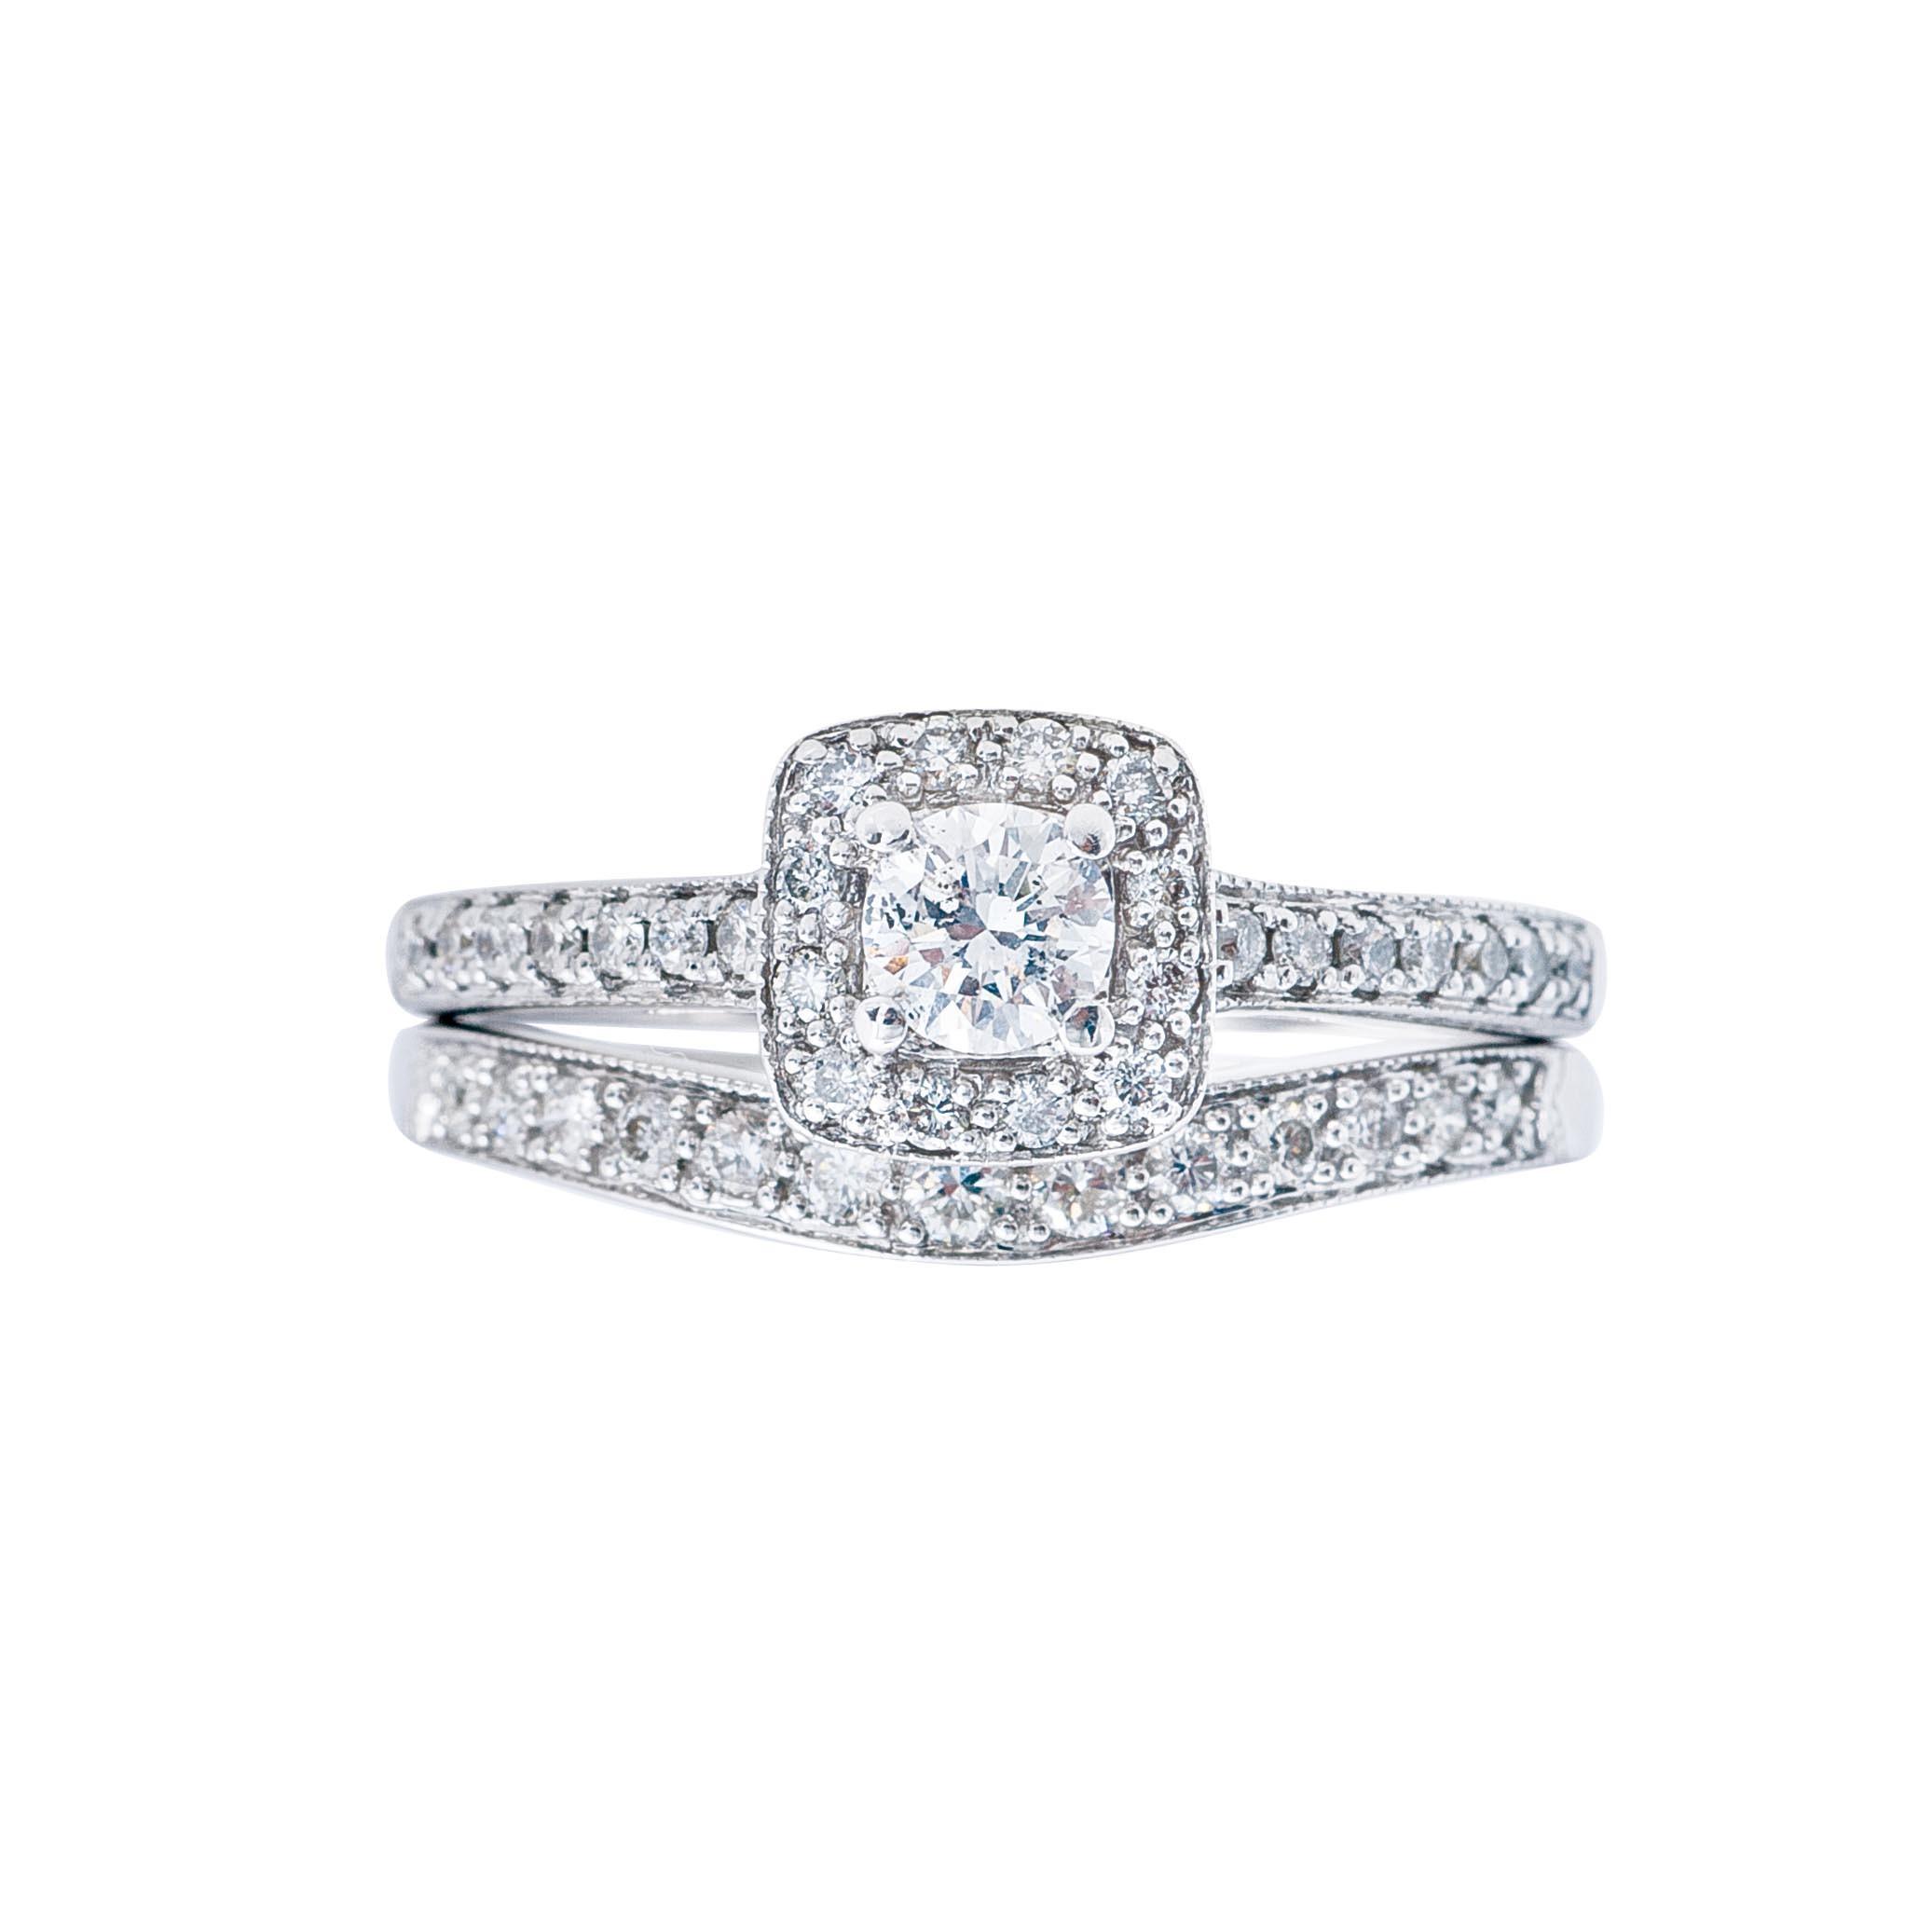 Vintage 0.51 CTW Diamond Halo Engagement & Wedding Band Set